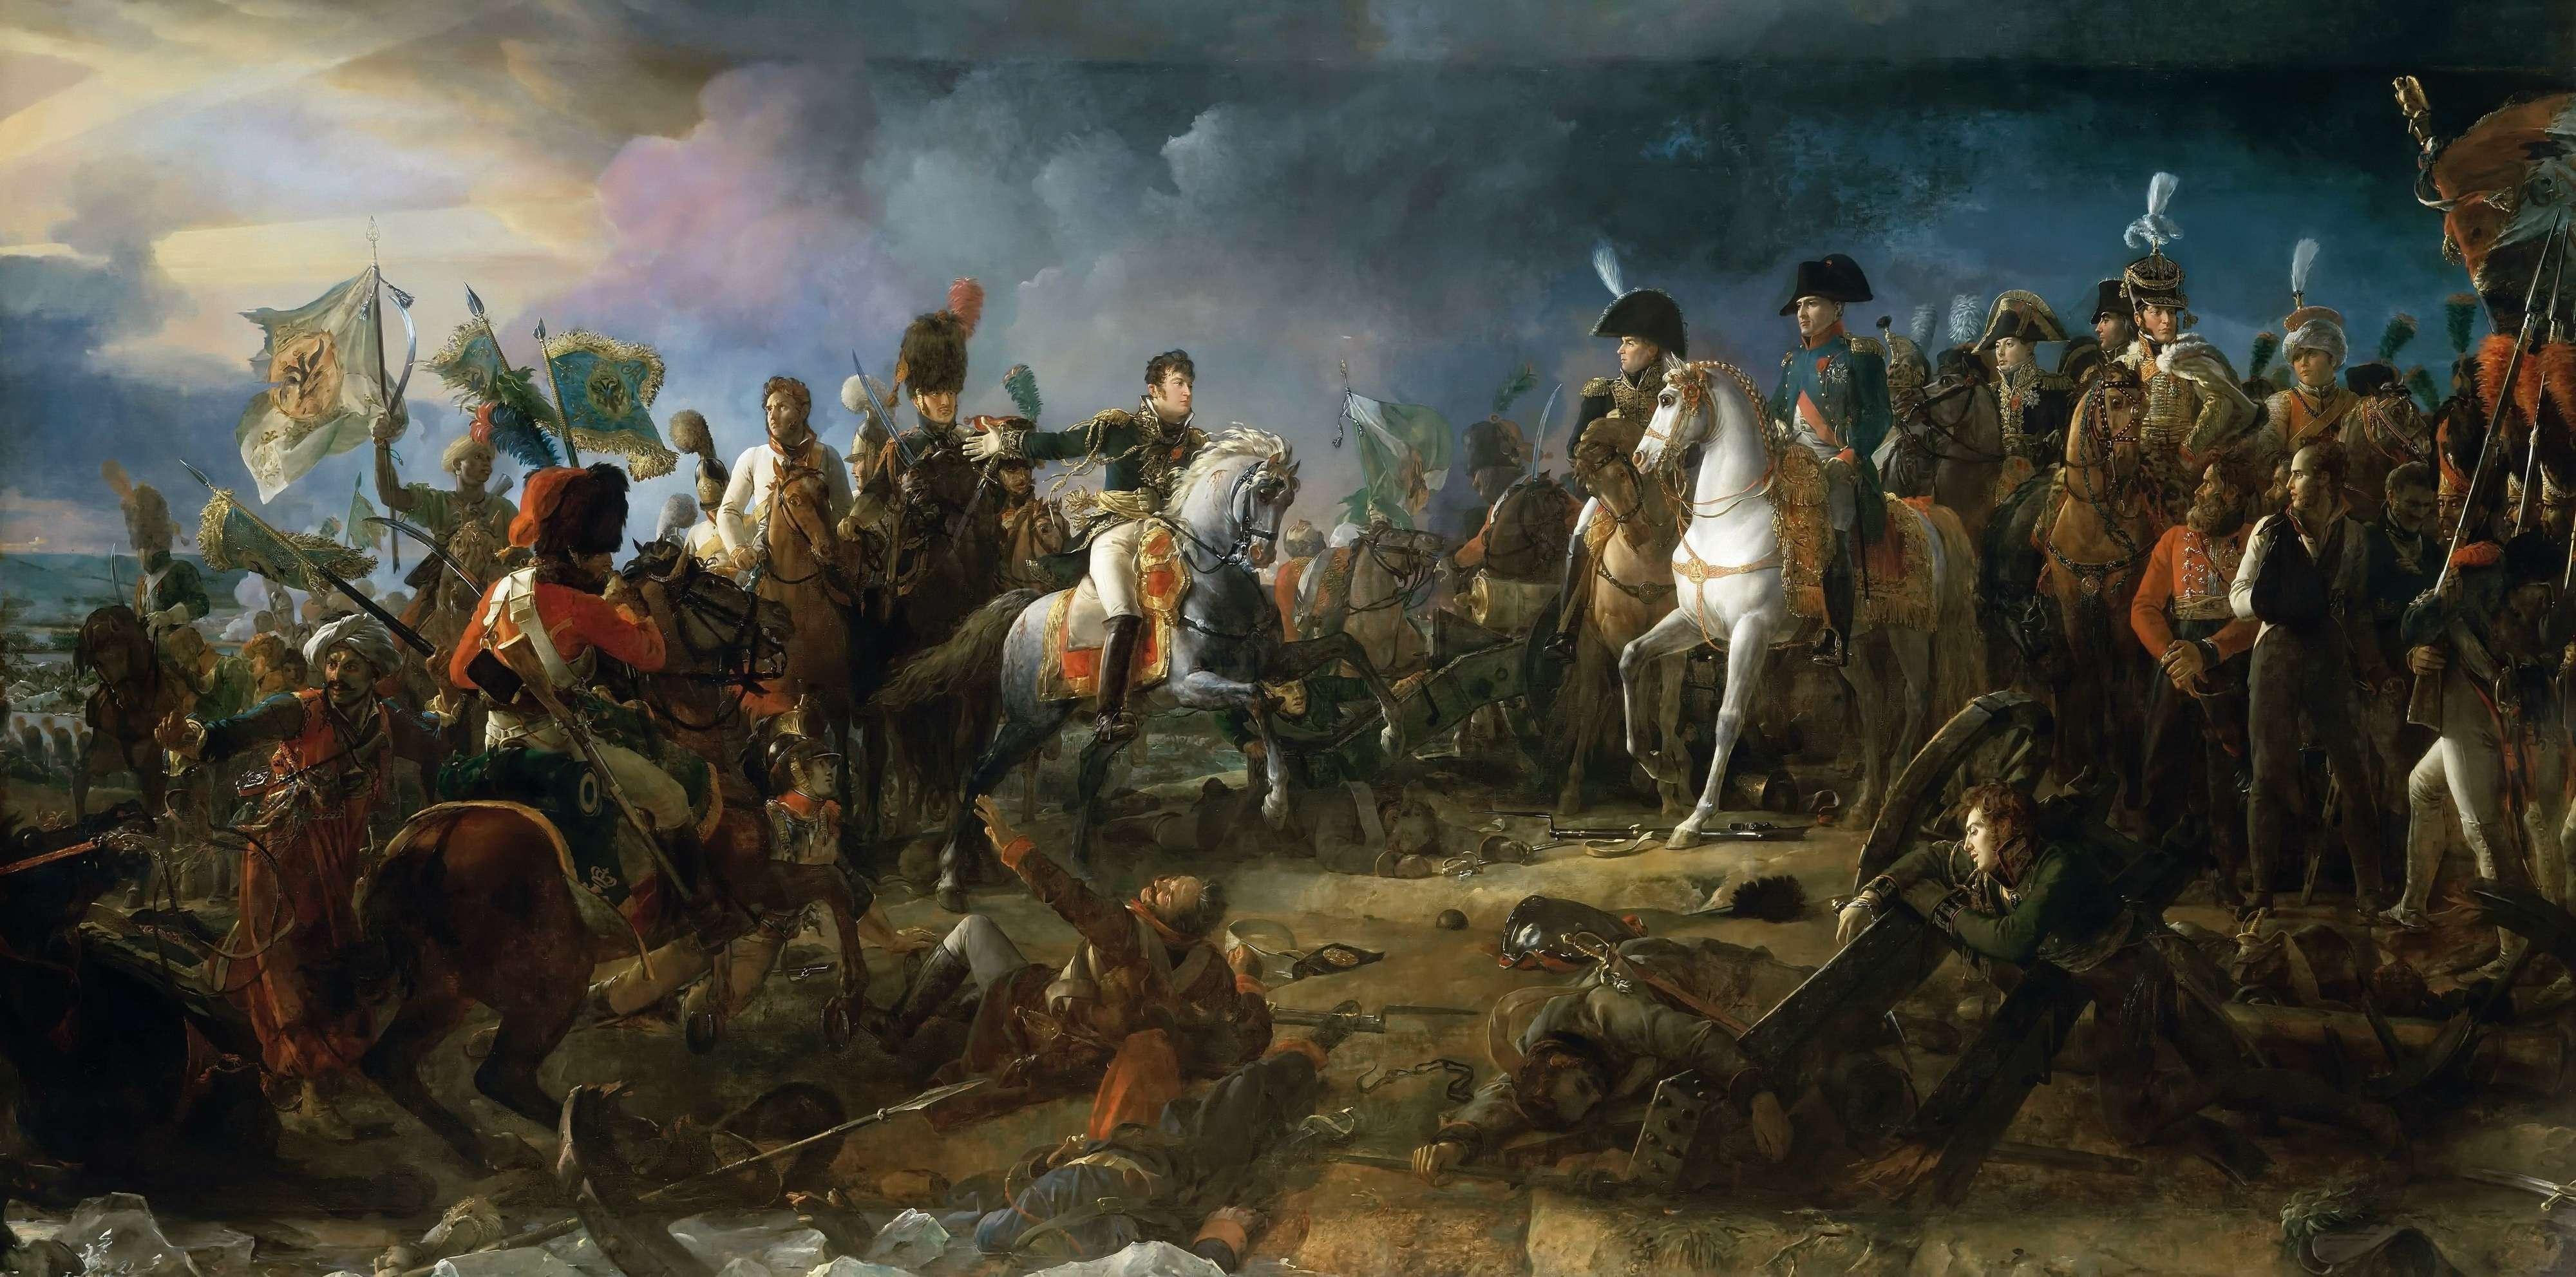 Οι Ναπολεόντιοι Πόλεμοι ήταν μια σειρά πολέμων που κηρύχθηκαν ενάντια στην Α' Γαλλική Αυτοκρατορία του Ναπολέοντα από αντίπαλες συμμαχίες που έλαβαν χώρα από το 1803 μέχρι το 1815.